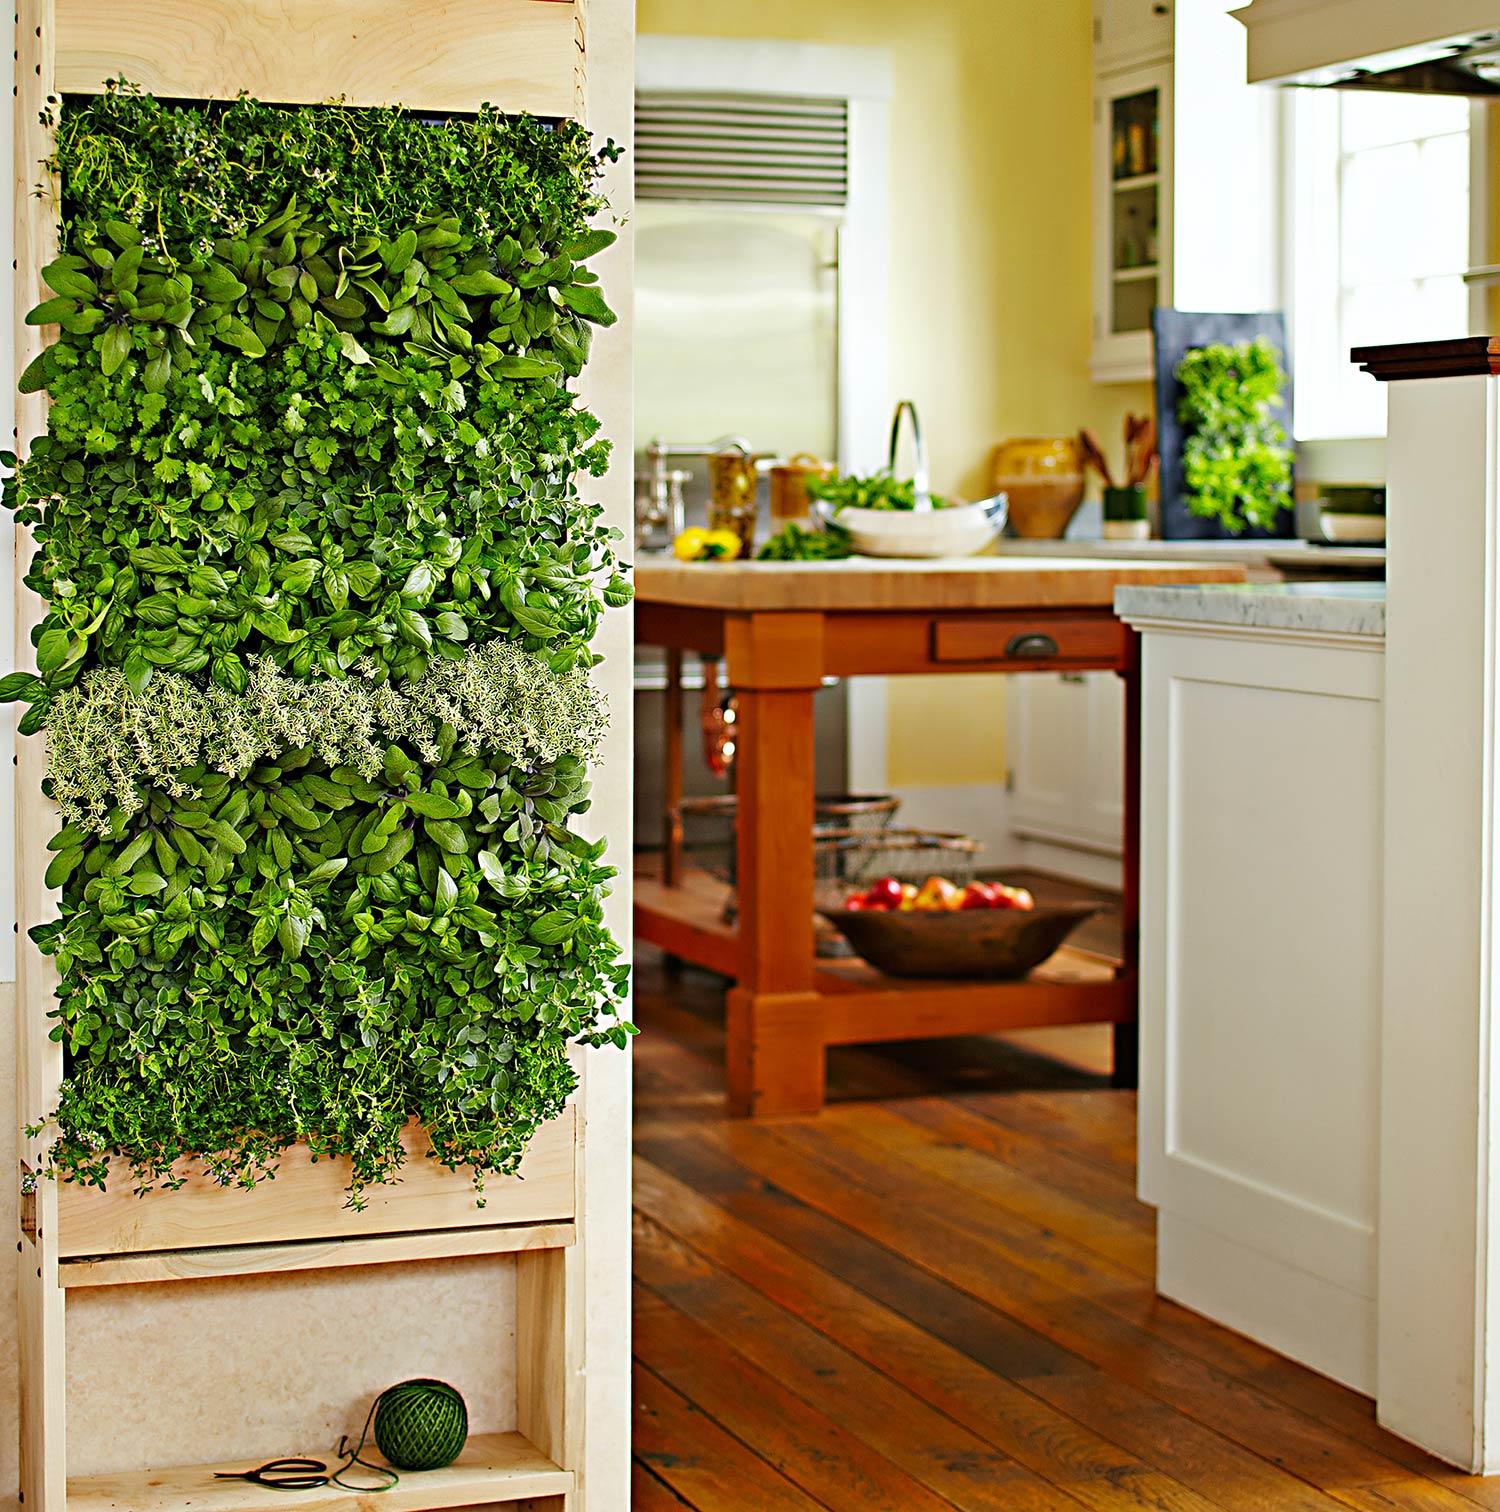 Non-Traditional Wall Décor Ideas to Make a Bold Statement ... on Traditional Kitchen Wall Decor  id=96922